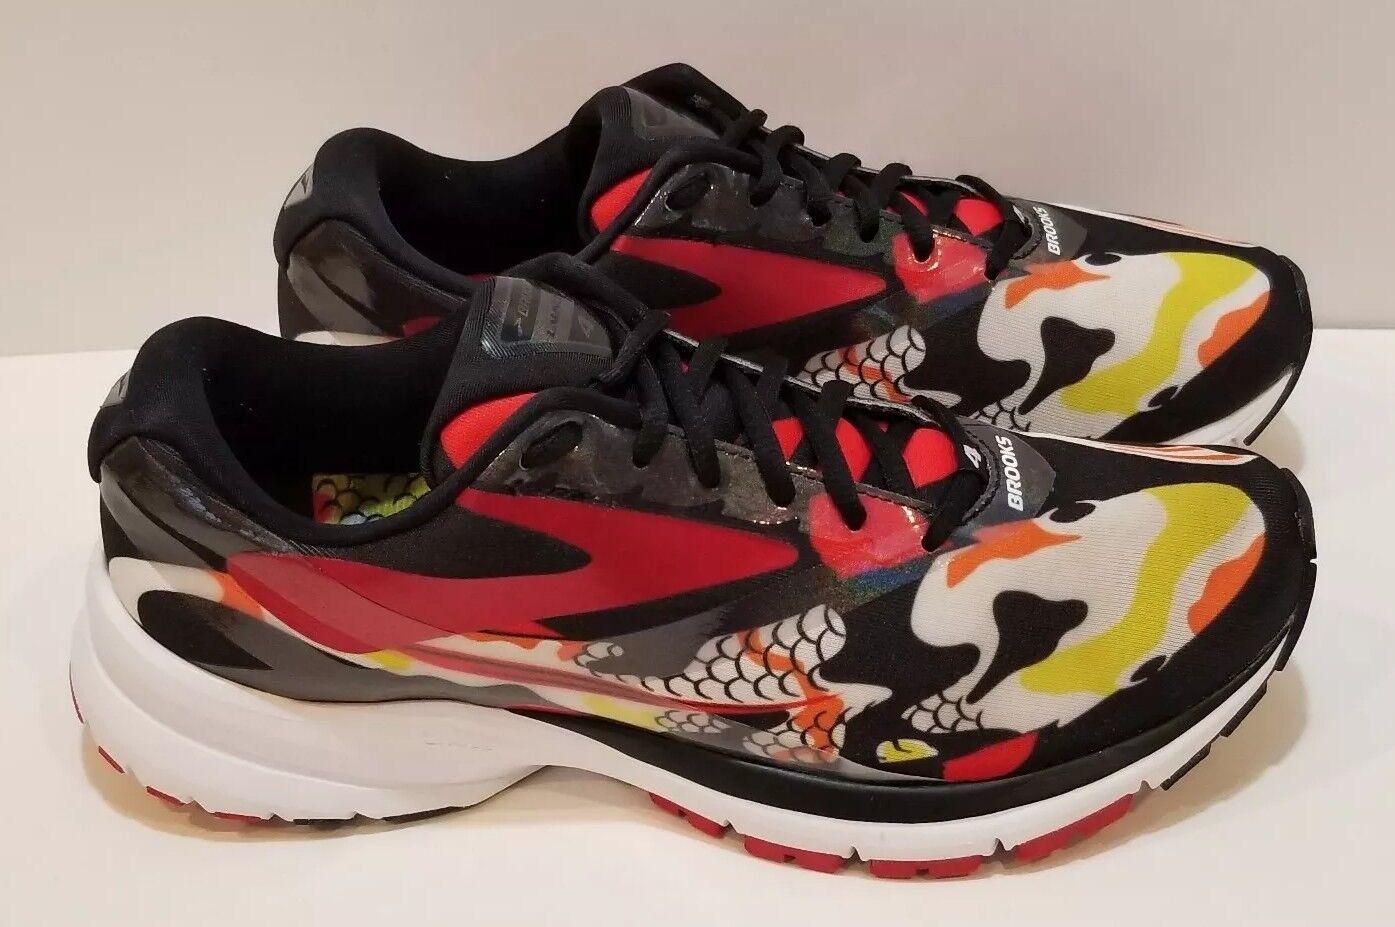 damen Brooks Launch 4 Tokyo Koi Running schuhe Größe 10 Marathon 2017